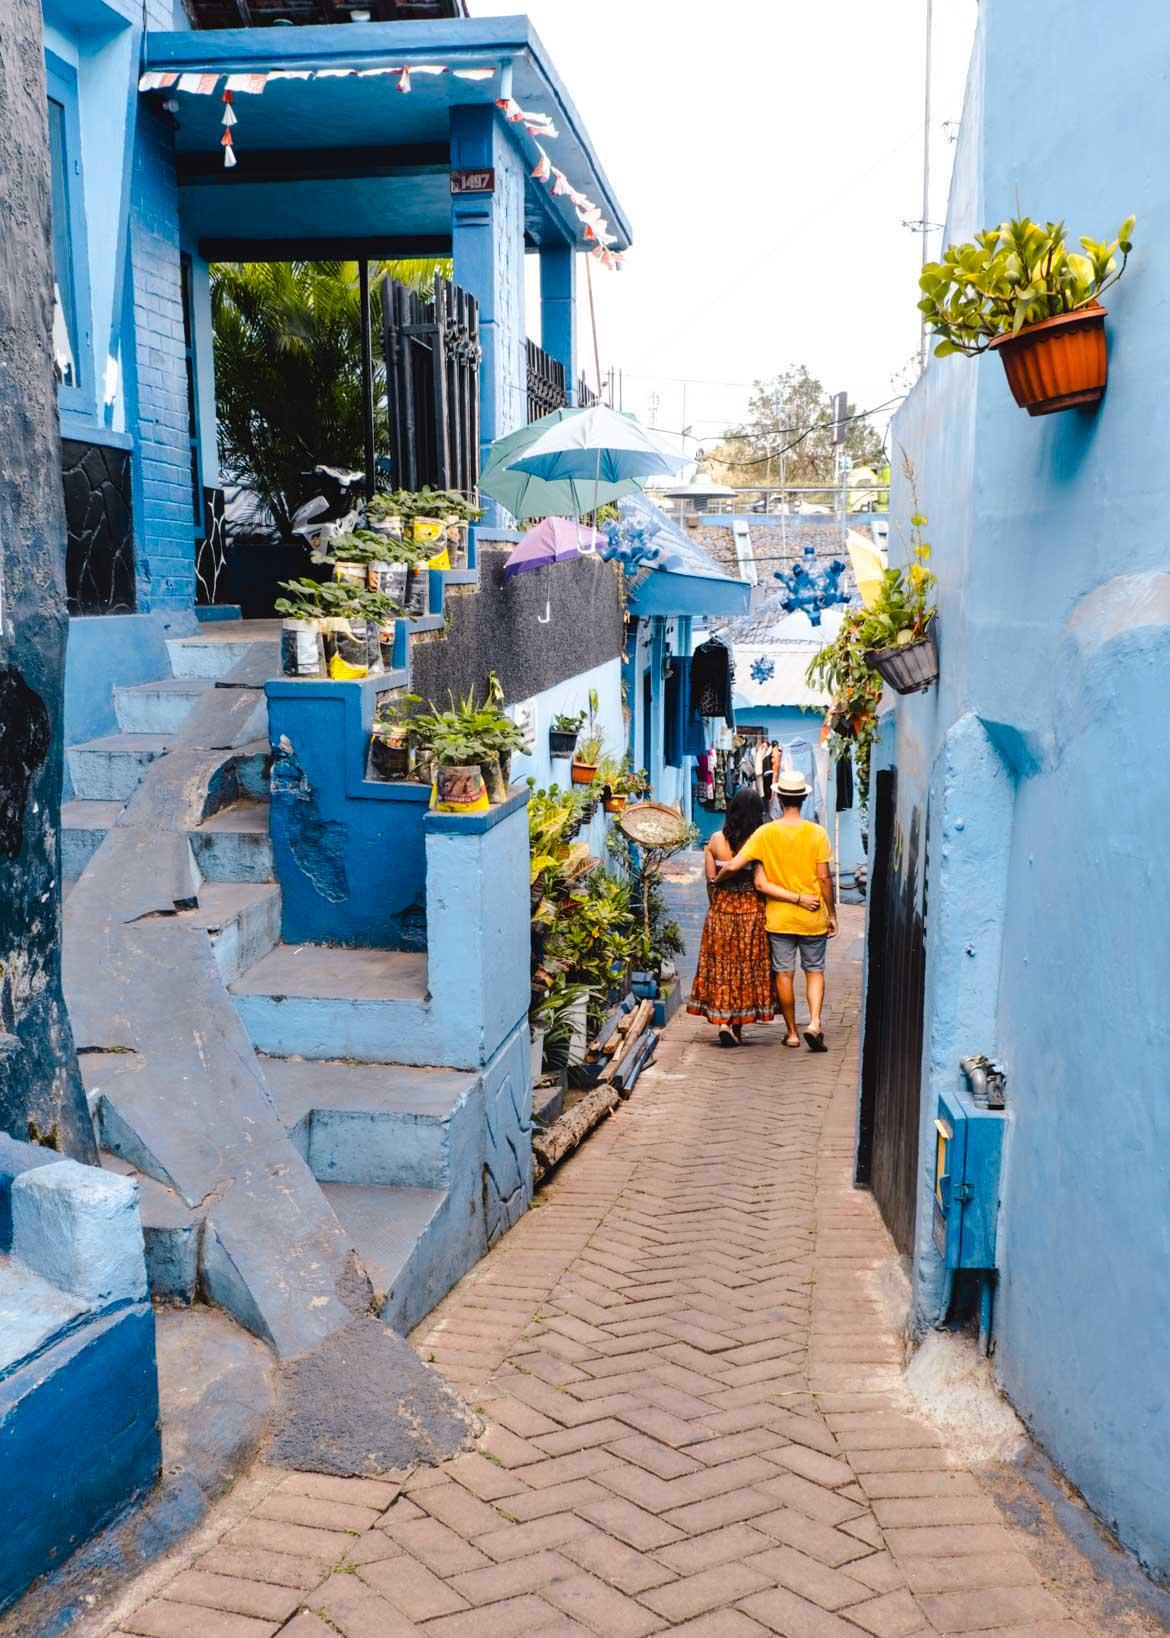 vicoli villaggio blu jodipan